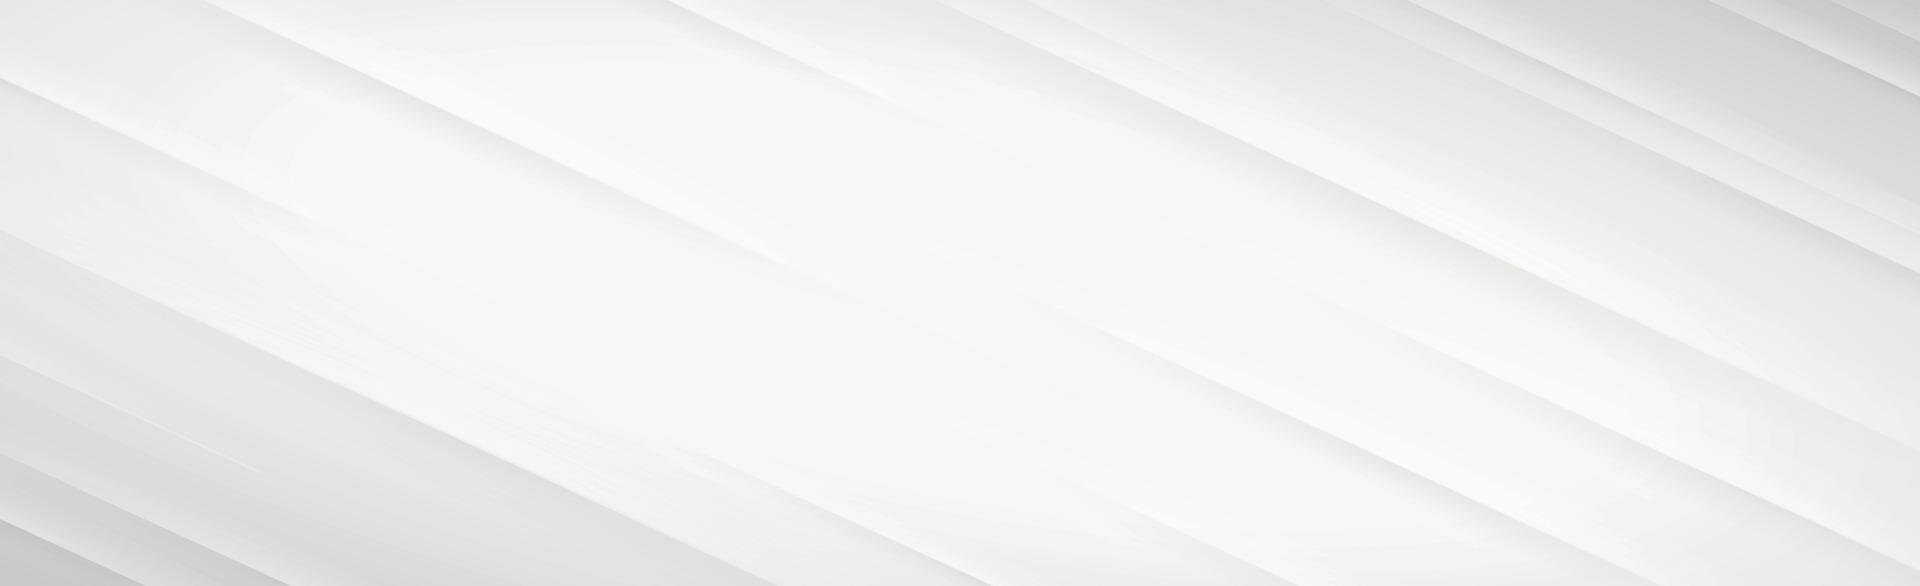 weißer Vektorpanoramahintergrund mit geraden Linien und Schatten vektor